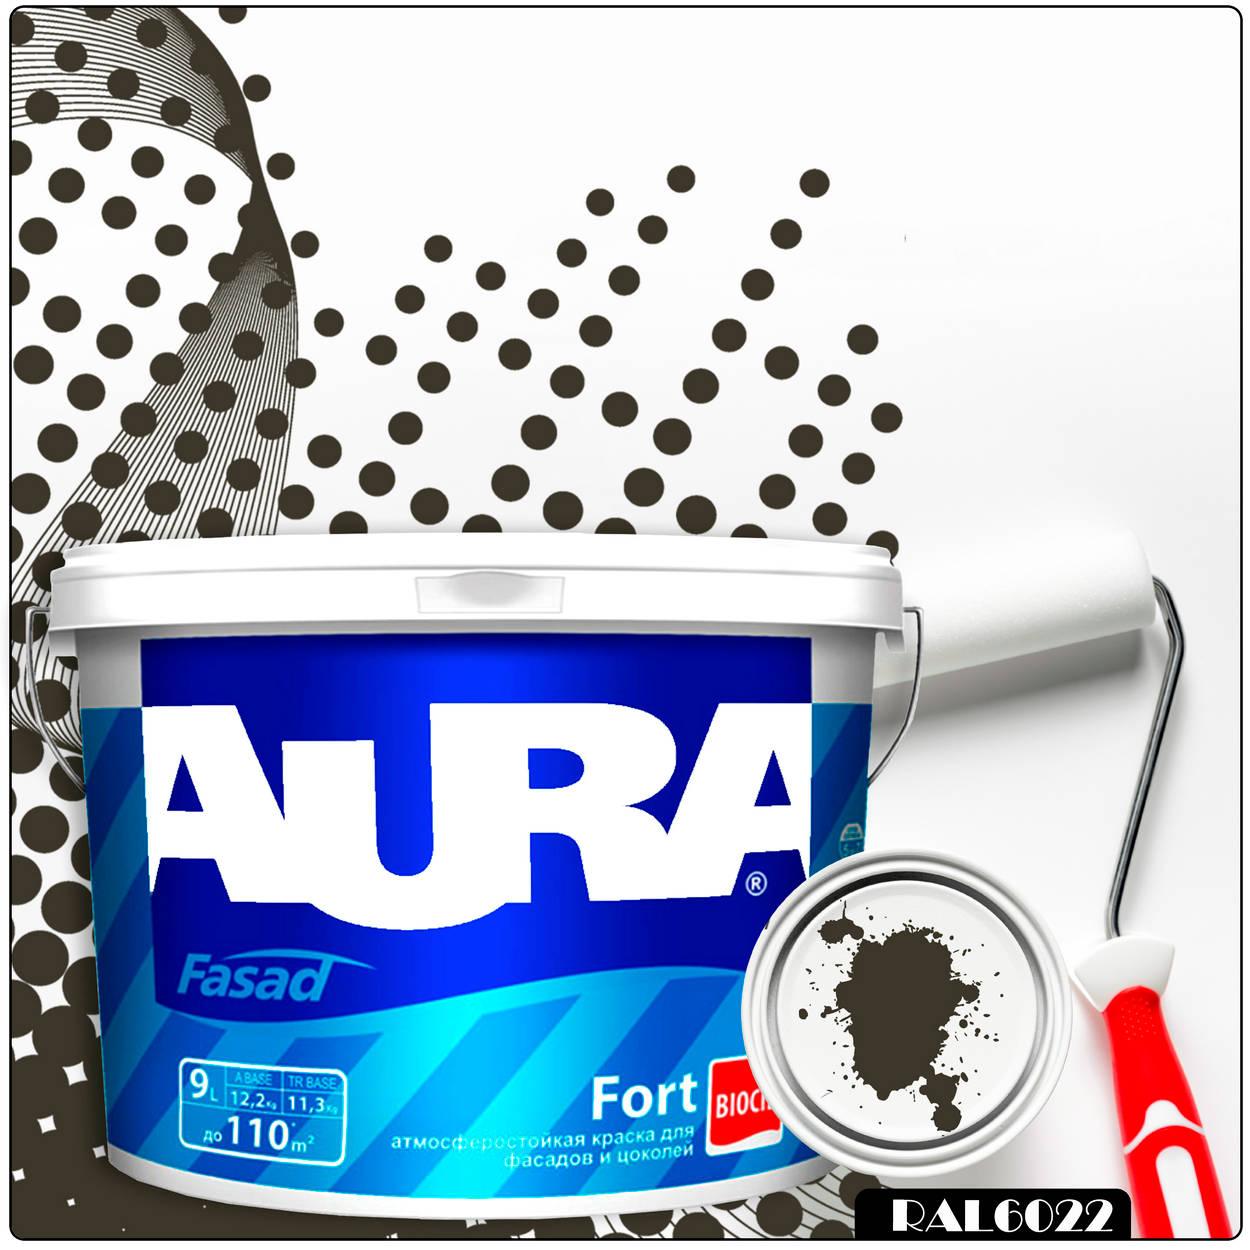 Фото 23 - Краска Aura Fasad Fort, RAL 6022 Коричнево-оливковый, латексная, матовая, для фасада и цоколей, 9л, Аура.